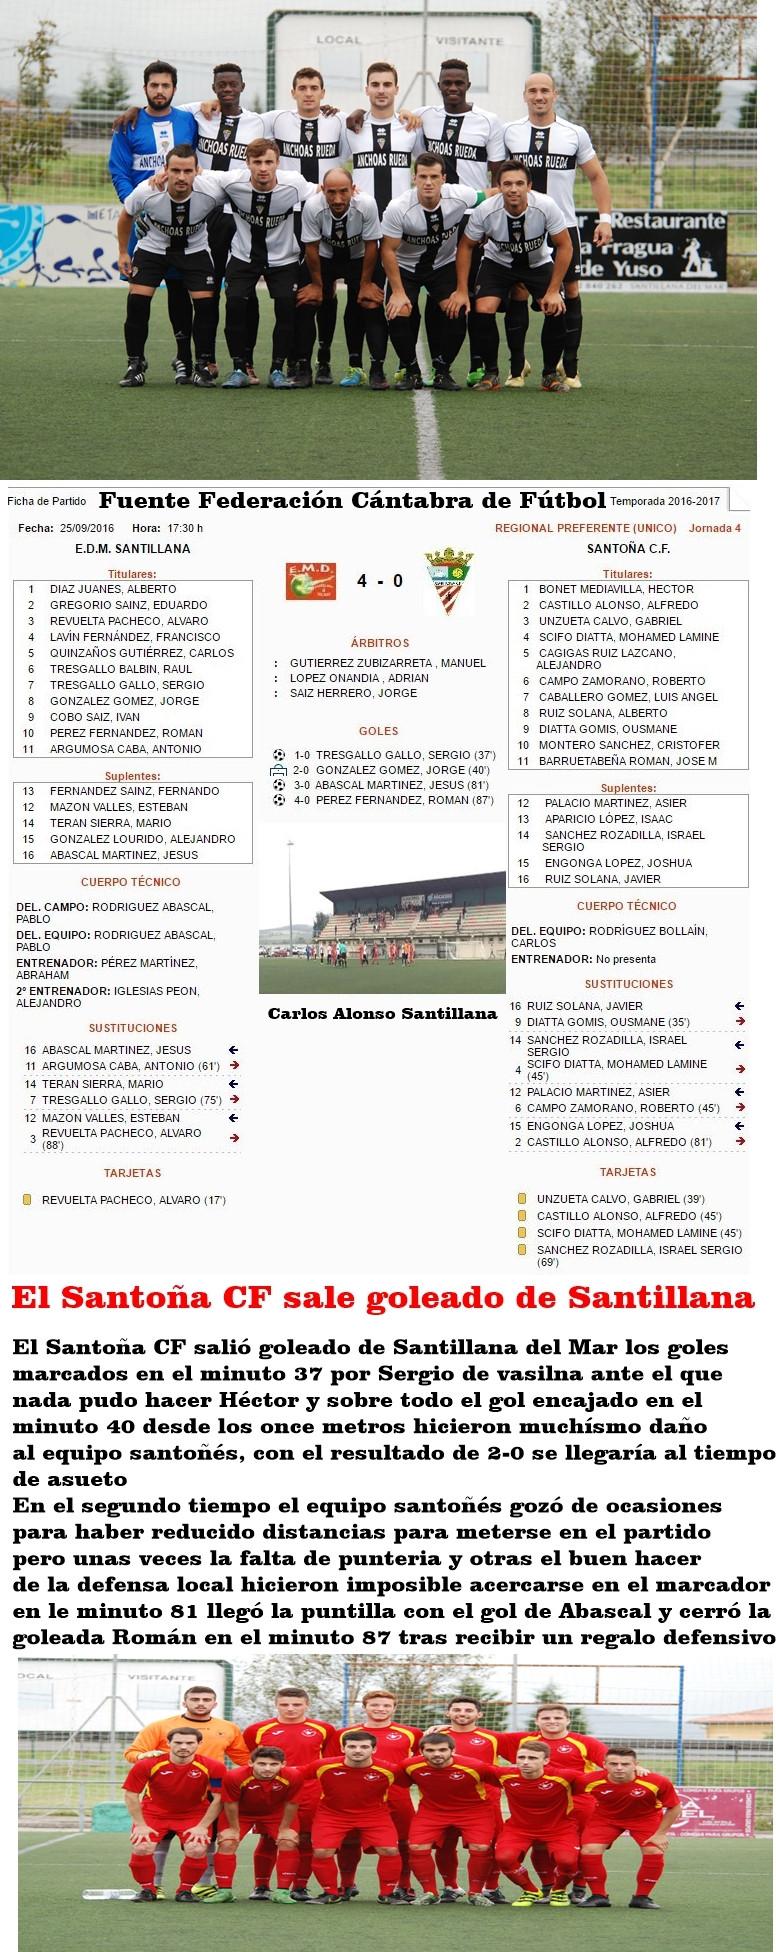 El Santoña CF sale goleado de Santillana